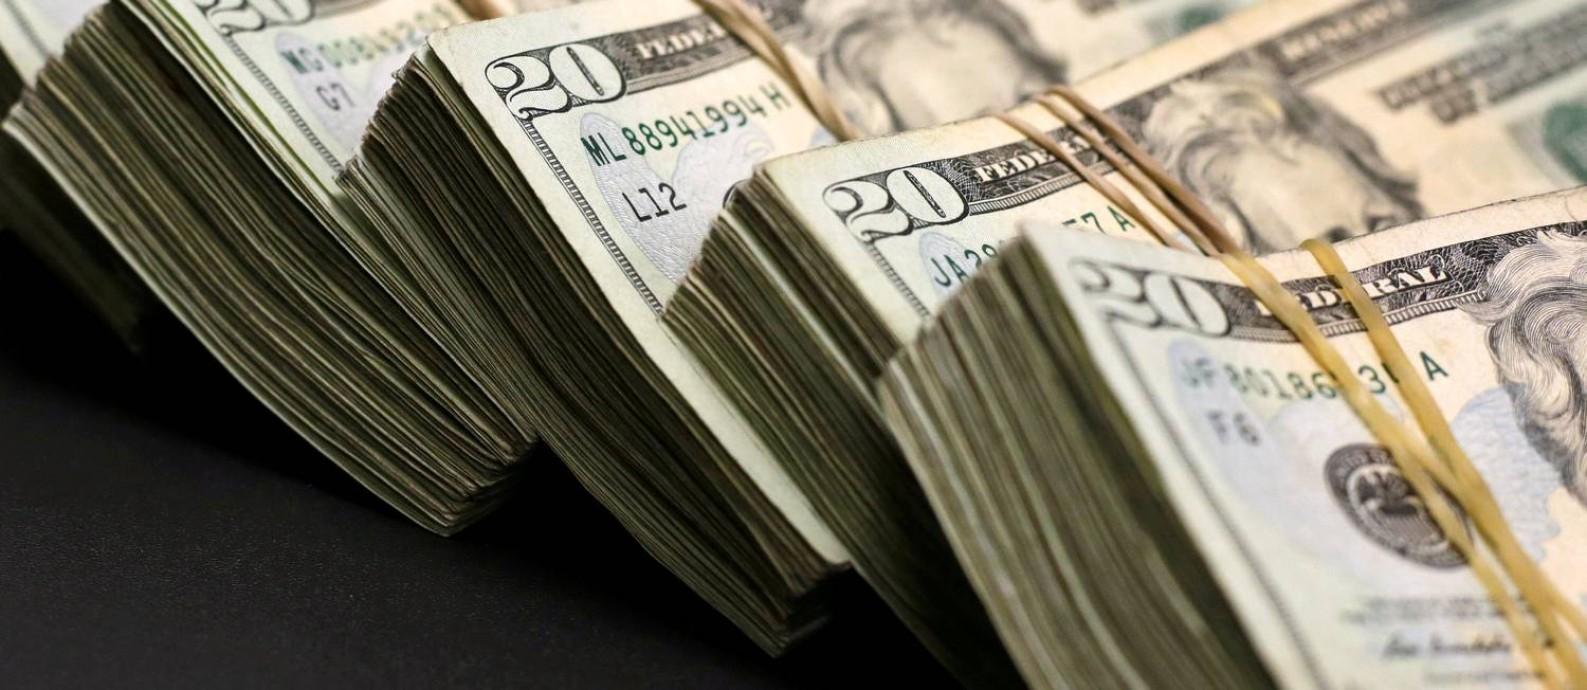 Instabilidade no mercado financeiro fez o dólar subir. Quem vai viajar deve seguir algumas dicas para não ter o orçamento prejudicado Foto: Jose Luis Gonzalez / REUTERS